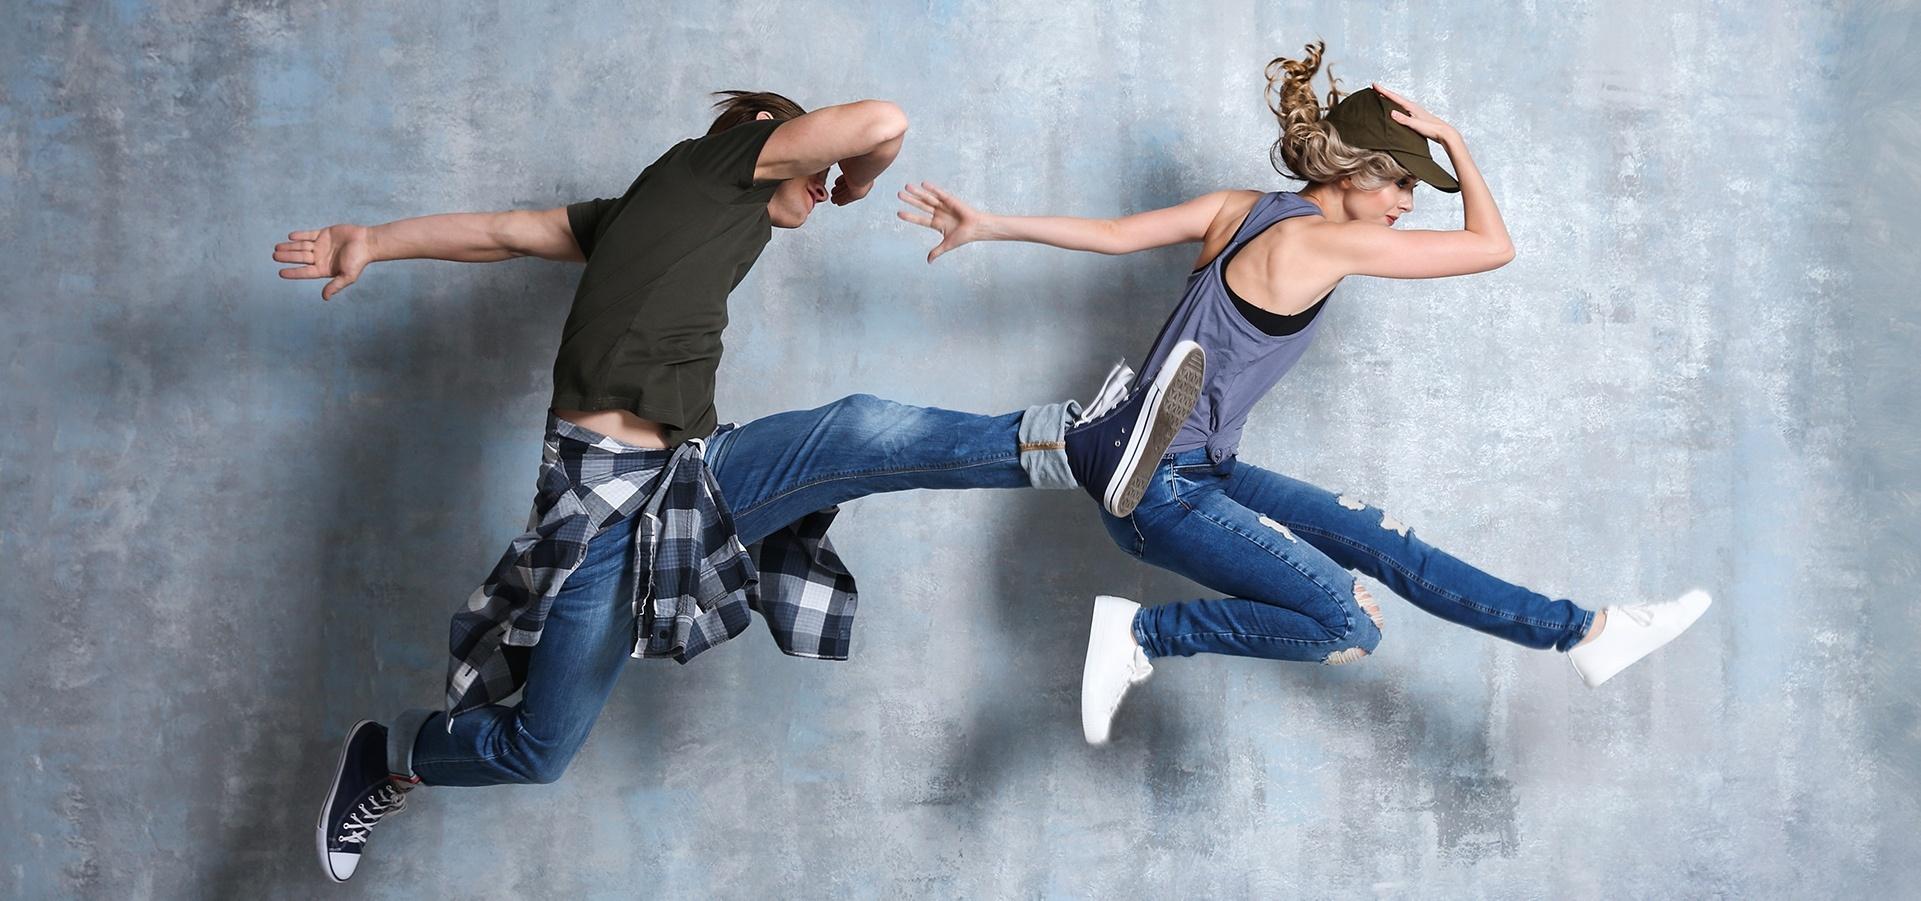 Kaksi tanssijaa hyppäävät ilmaan.